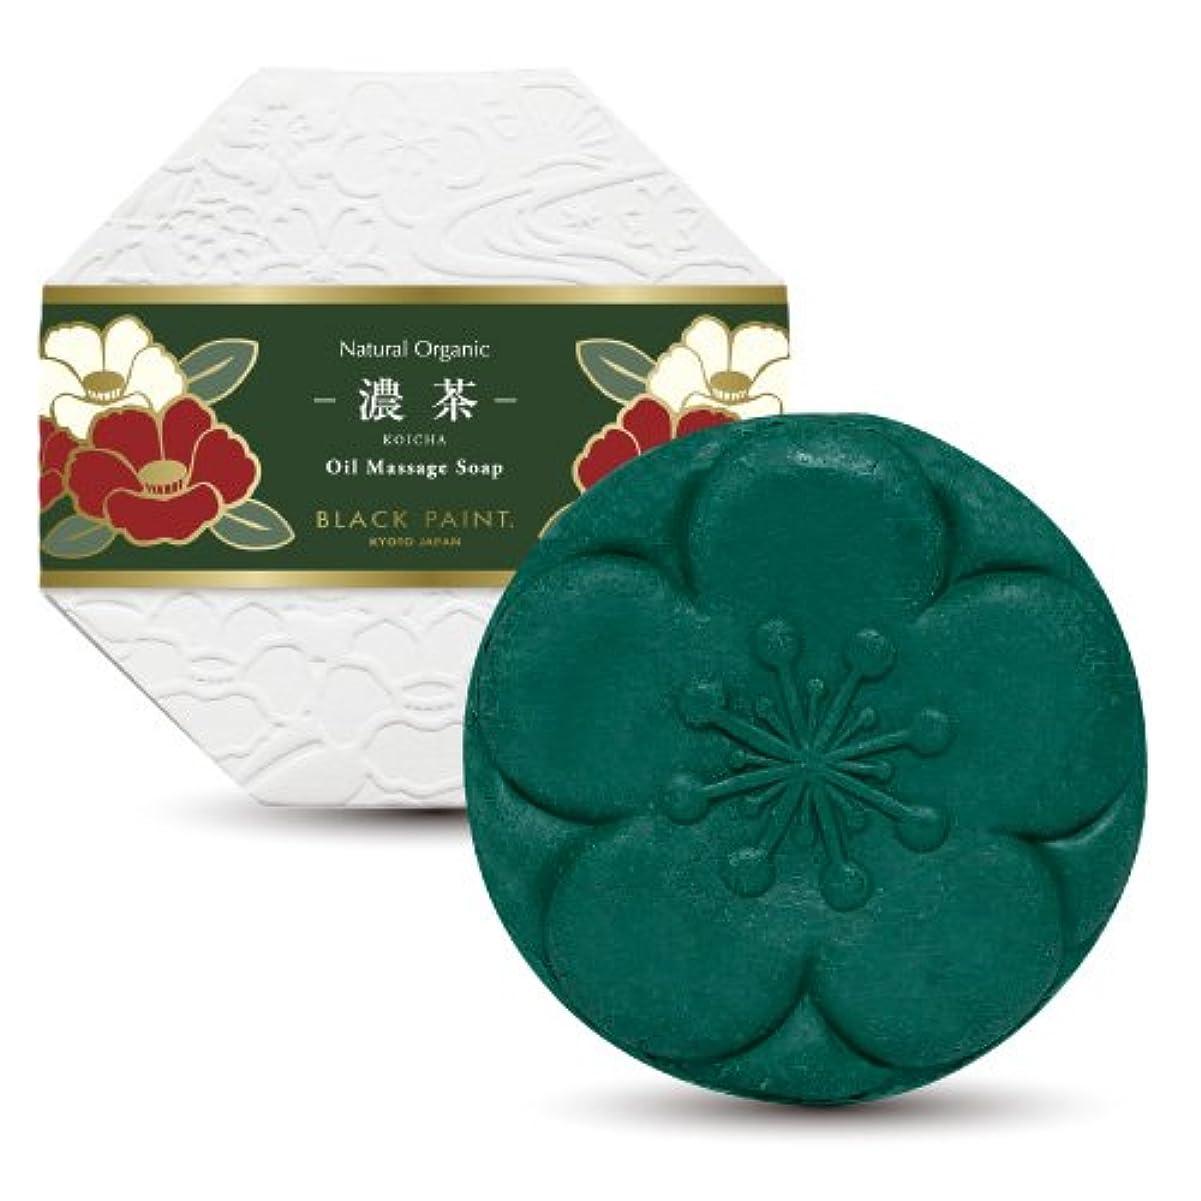 虚偽計画こっそり京のお茶石鹸 濃茶 120g 塗る石鹸